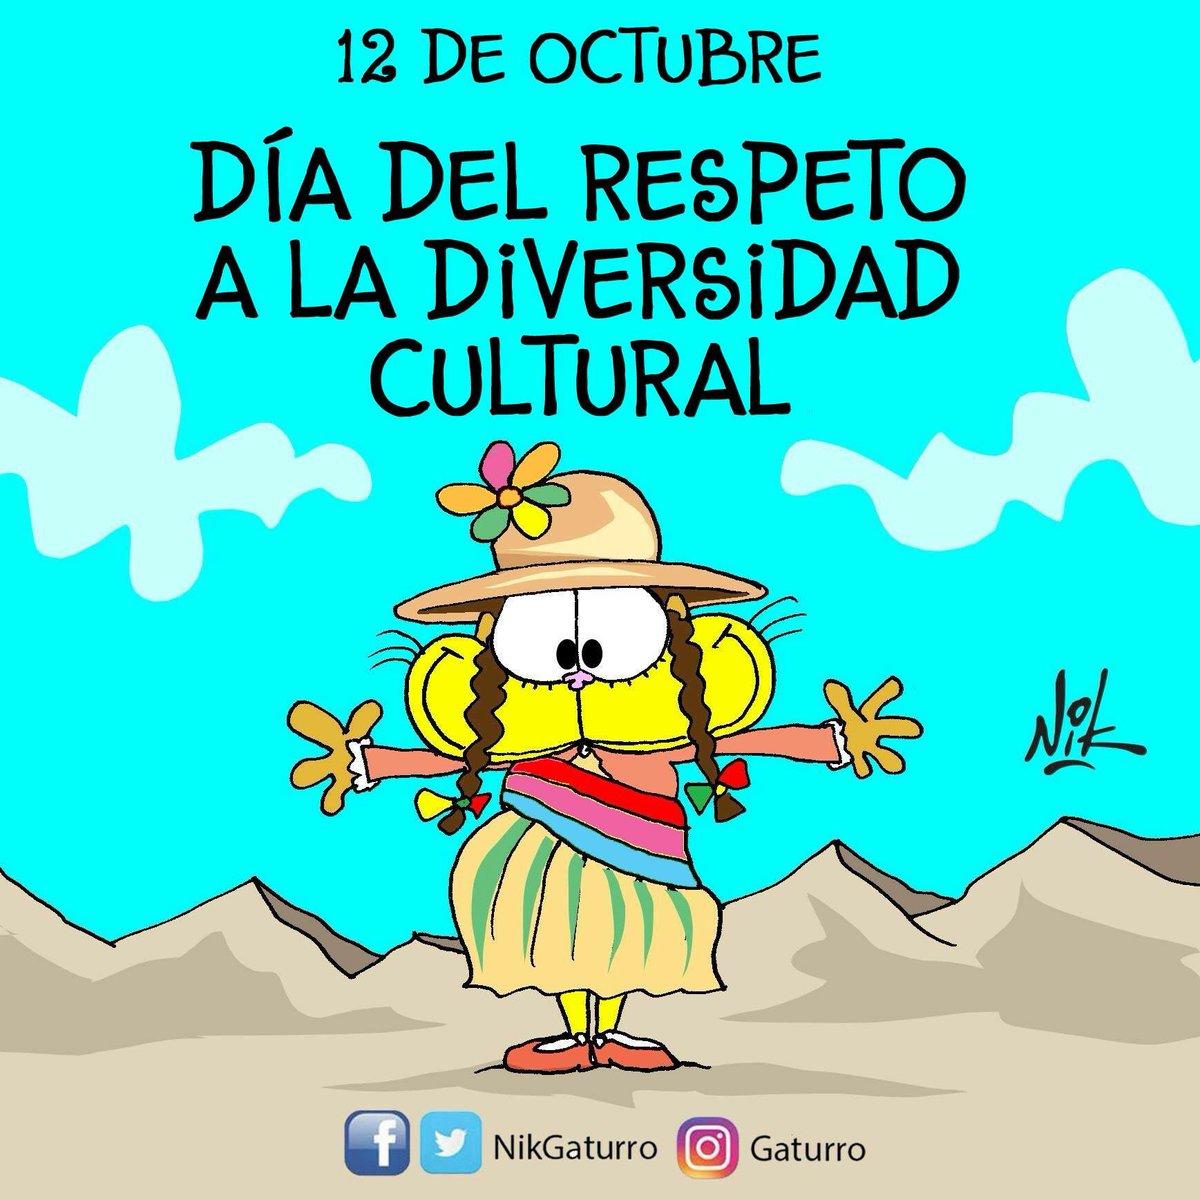 #12deOctubre #DiversidadCultural https://t.co/0dVOGoxvAg